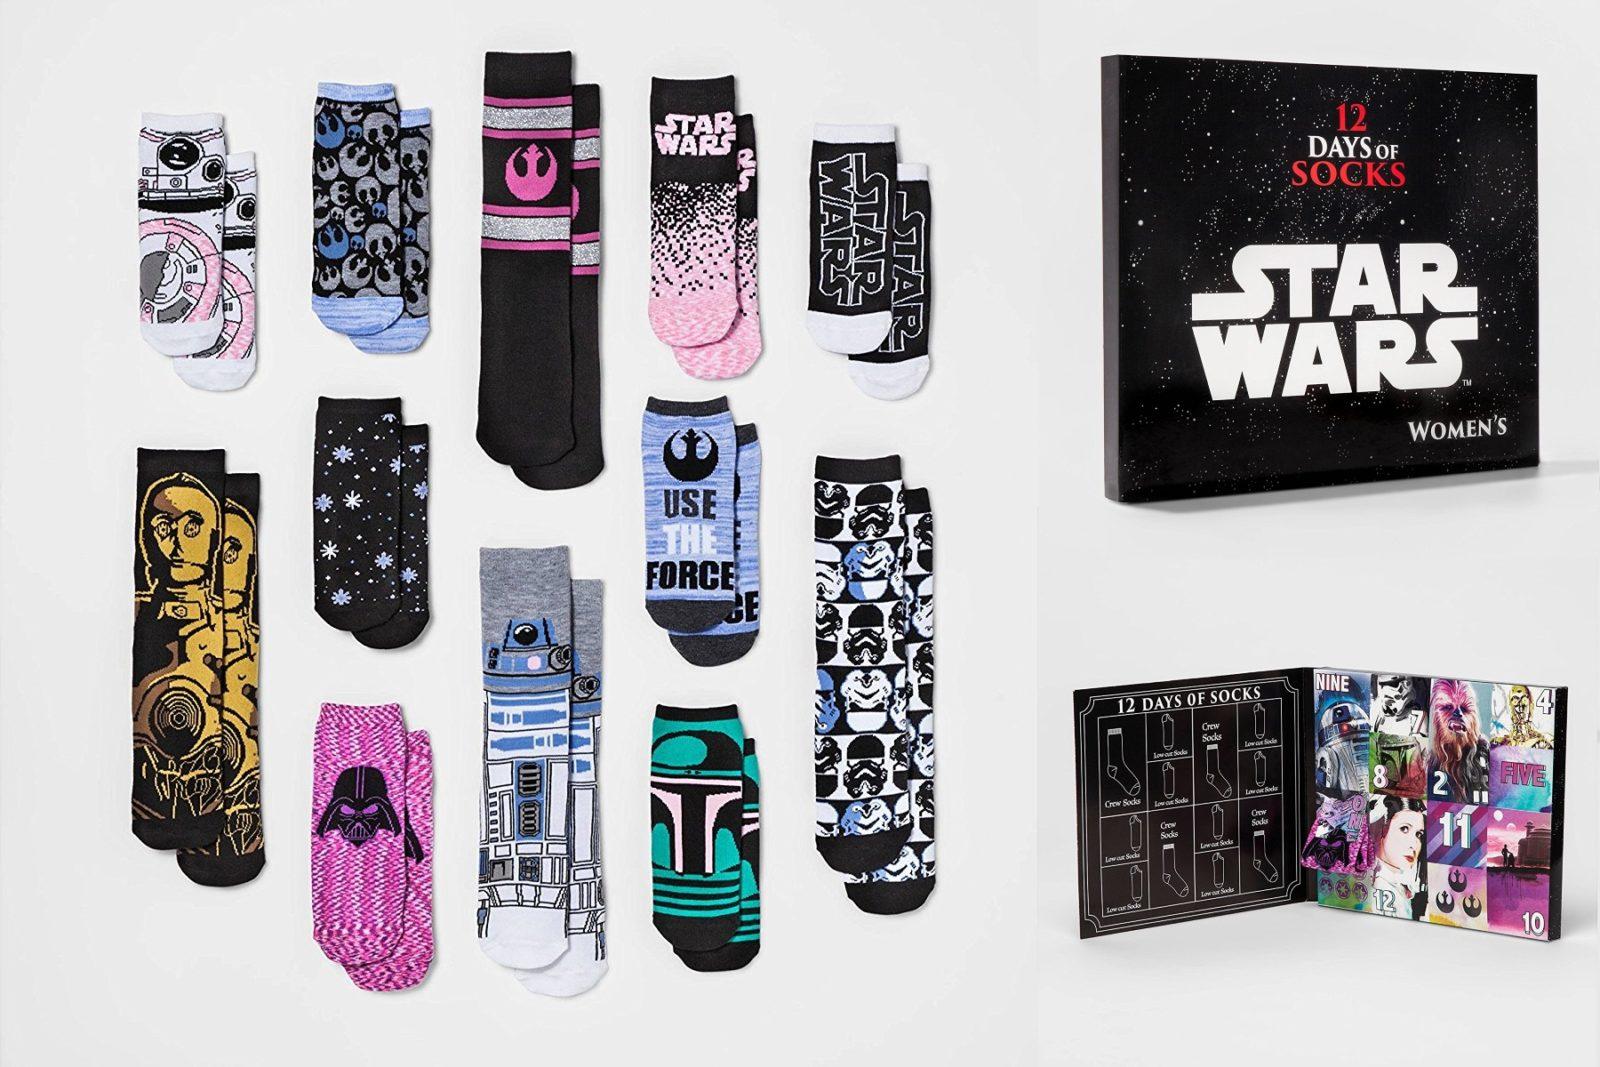 Meias Star Wars: Chegou a vez de arrasar com pés quentinhos nesse inverno!